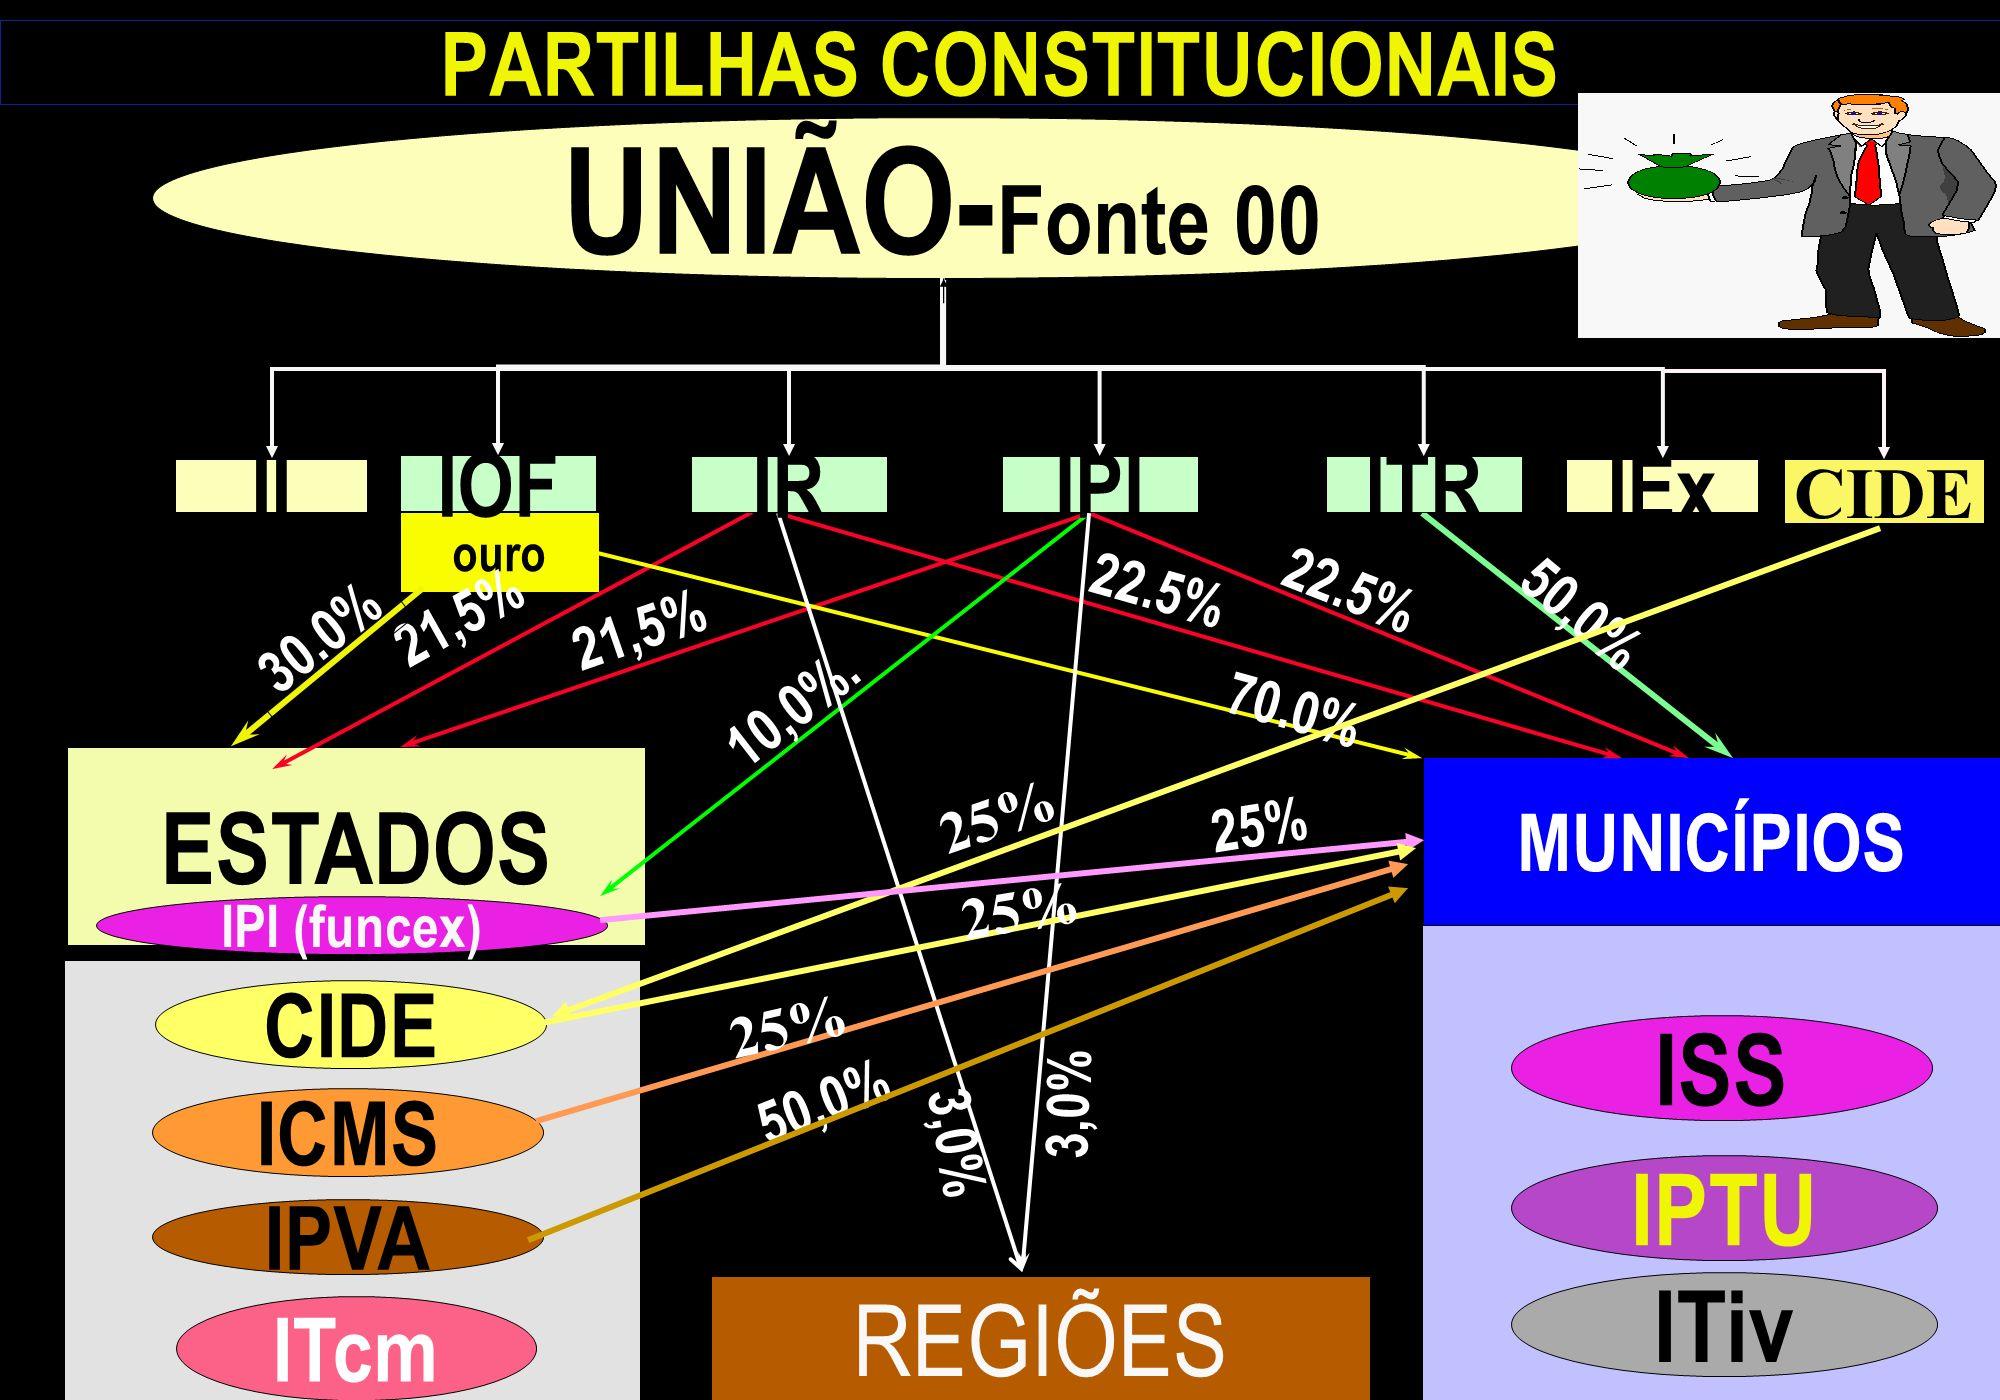 REGIÕES ESTADOS MUNICÍPIOS CIDE ITcm PARTILHAS CONSTITUCIONAIS ouro ICMS IPVA ITiv IPTU ISS 21,5% 22.5% 50,0% 30.0% 70.0% 10,0%. 3,0% UNIÃO- Fonte 00